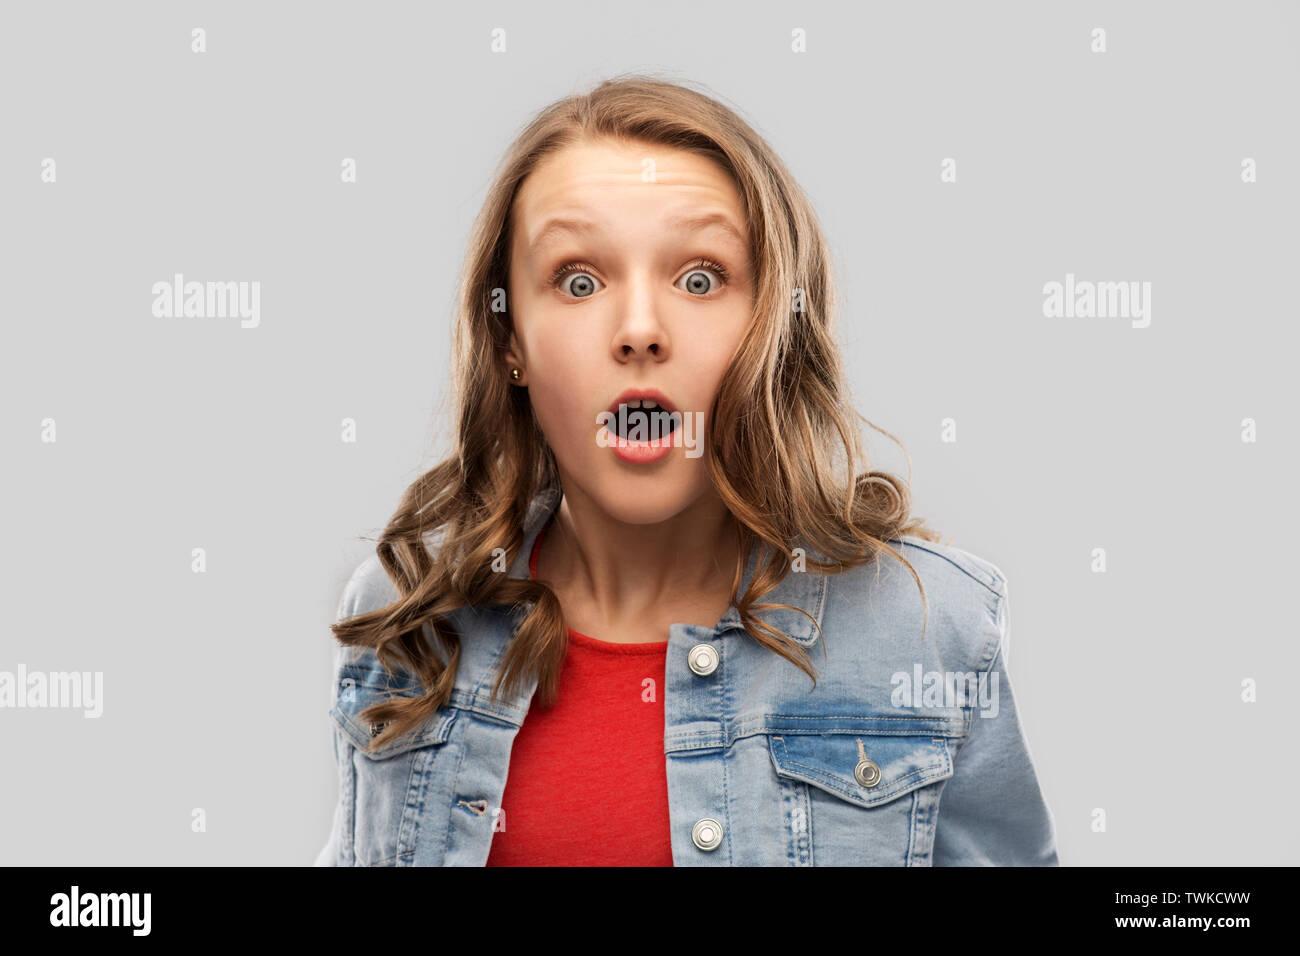 Überrascht oder junges Mädchen im roten T-Shirt schockiert Stockbild